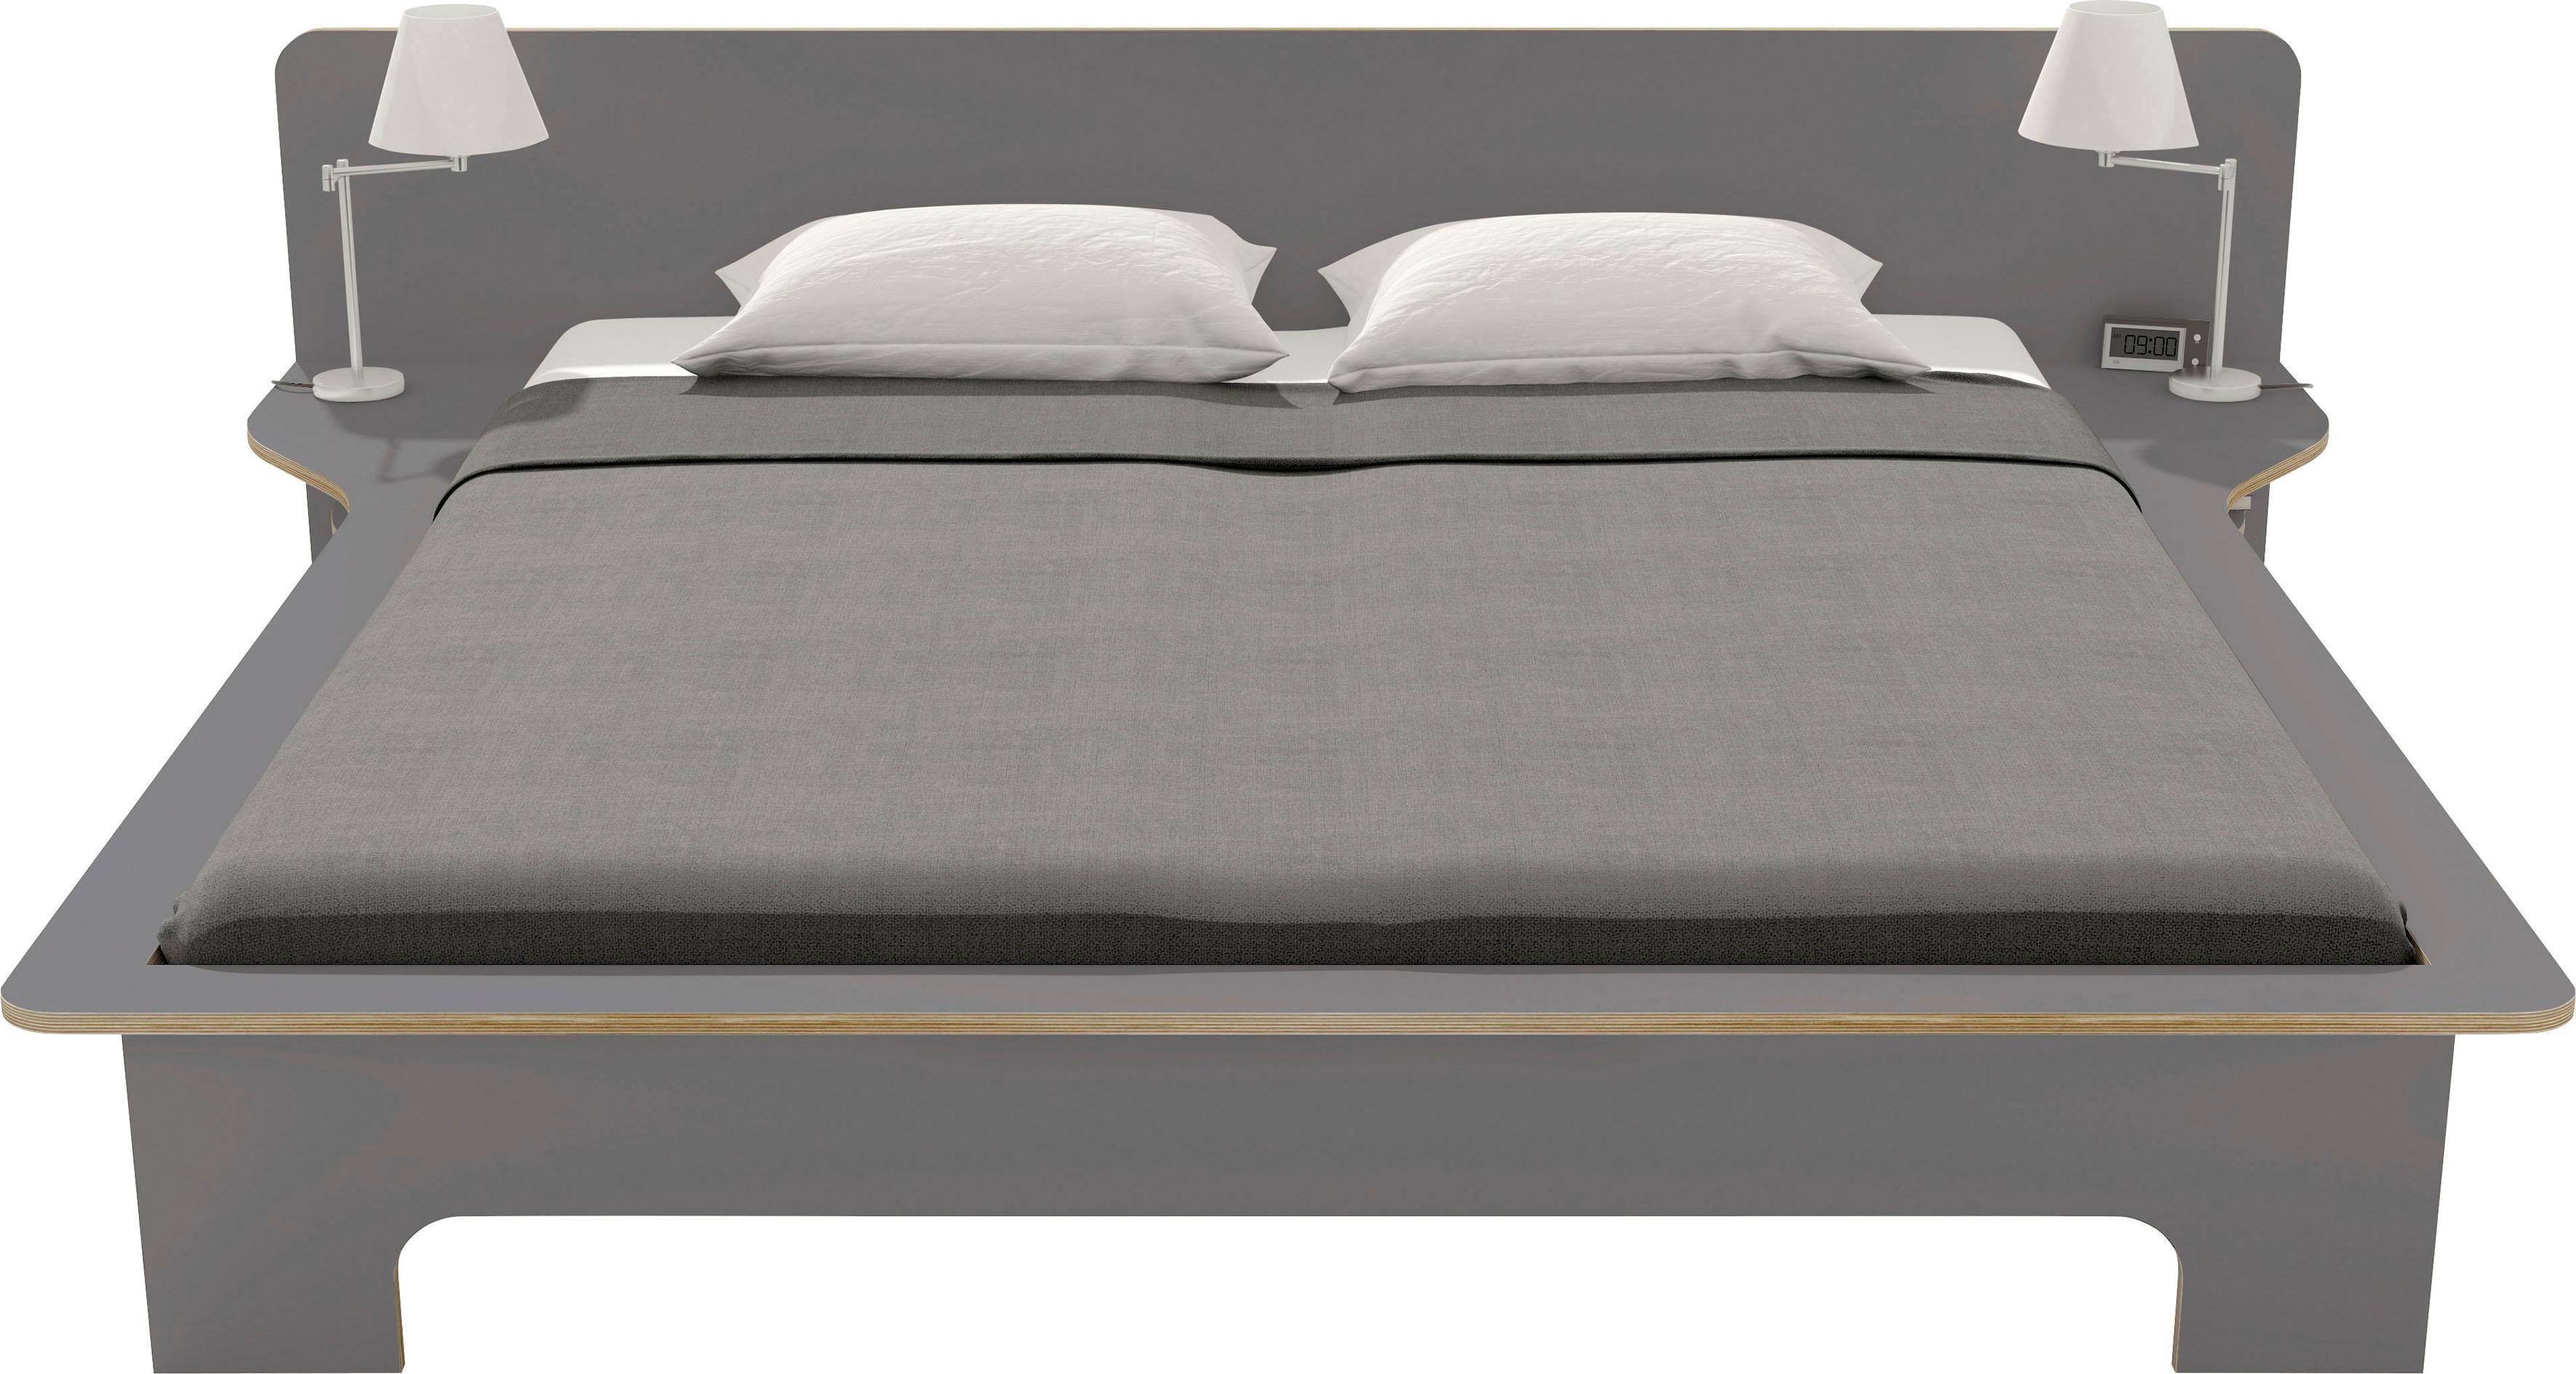 Doppelbetten Mit Bettkasten Preisvergleich • Die besten Angebote ...